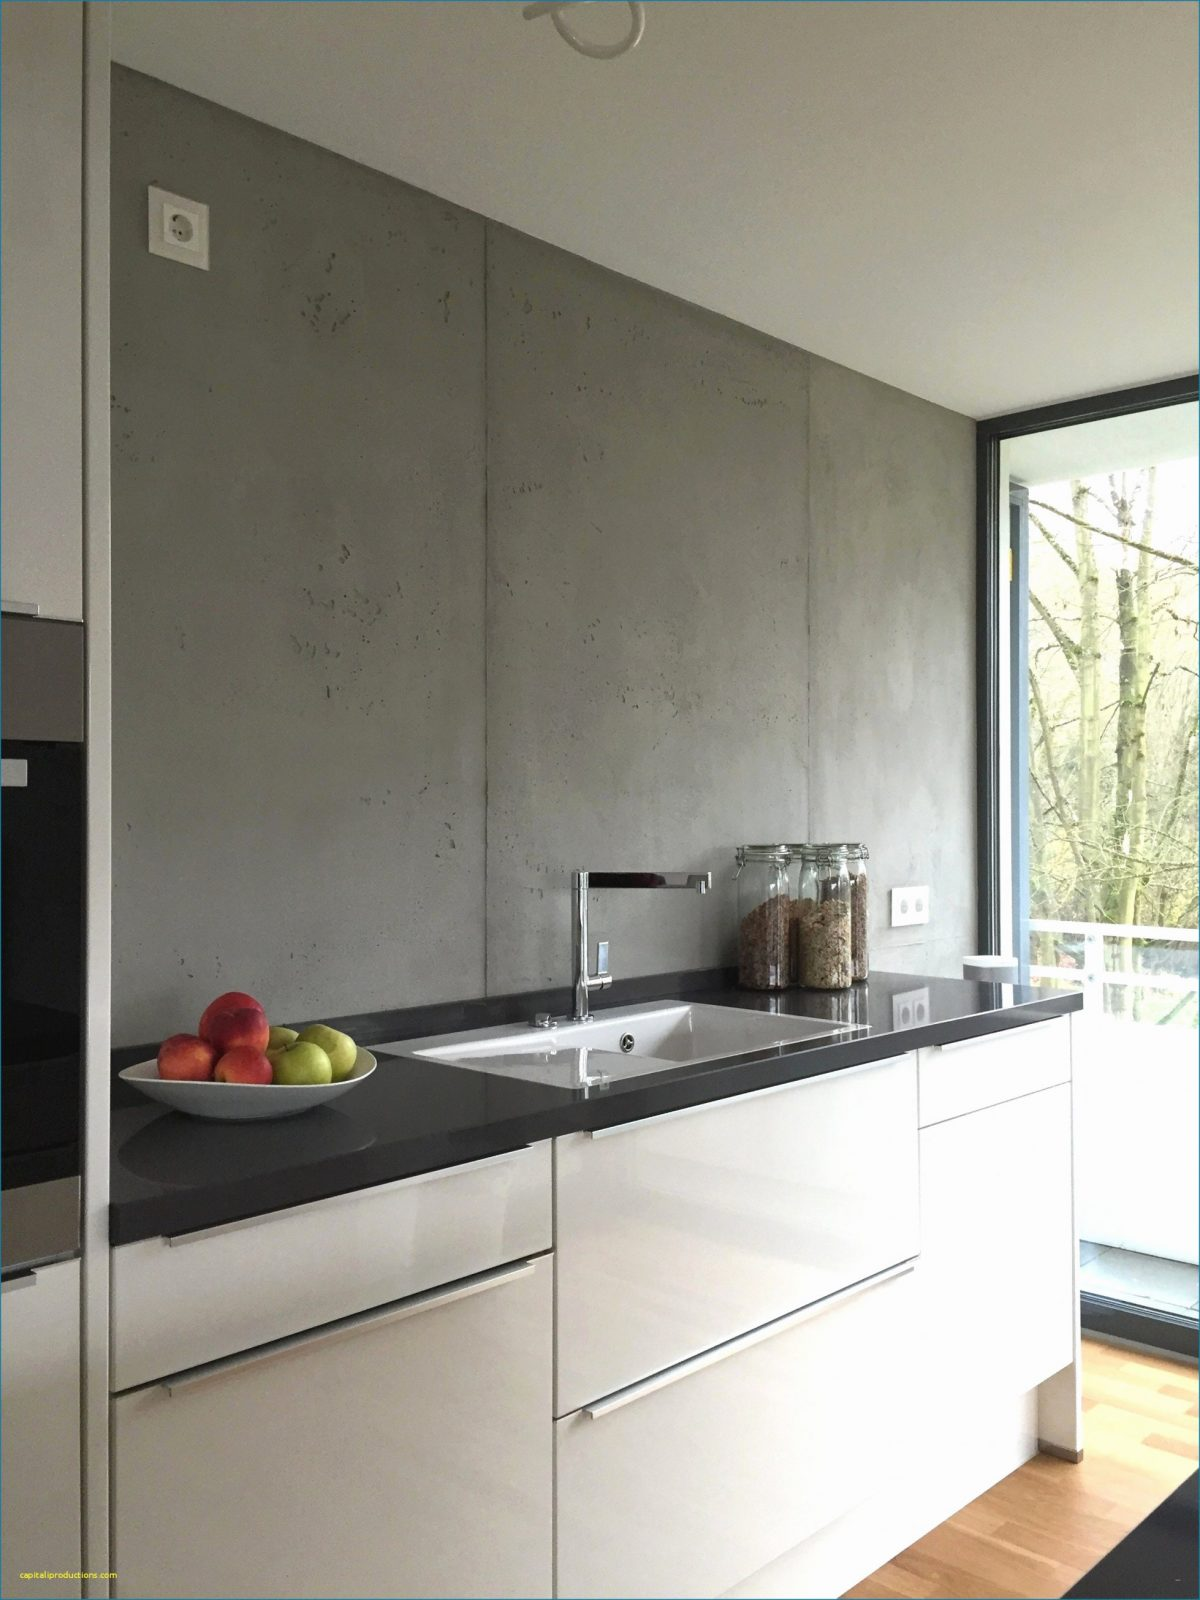 Neueste Modelle Von Abwaschbare Tapete Küche  Straightgangsterism von Abwaschbare Tapeten Für Die Küche Photo